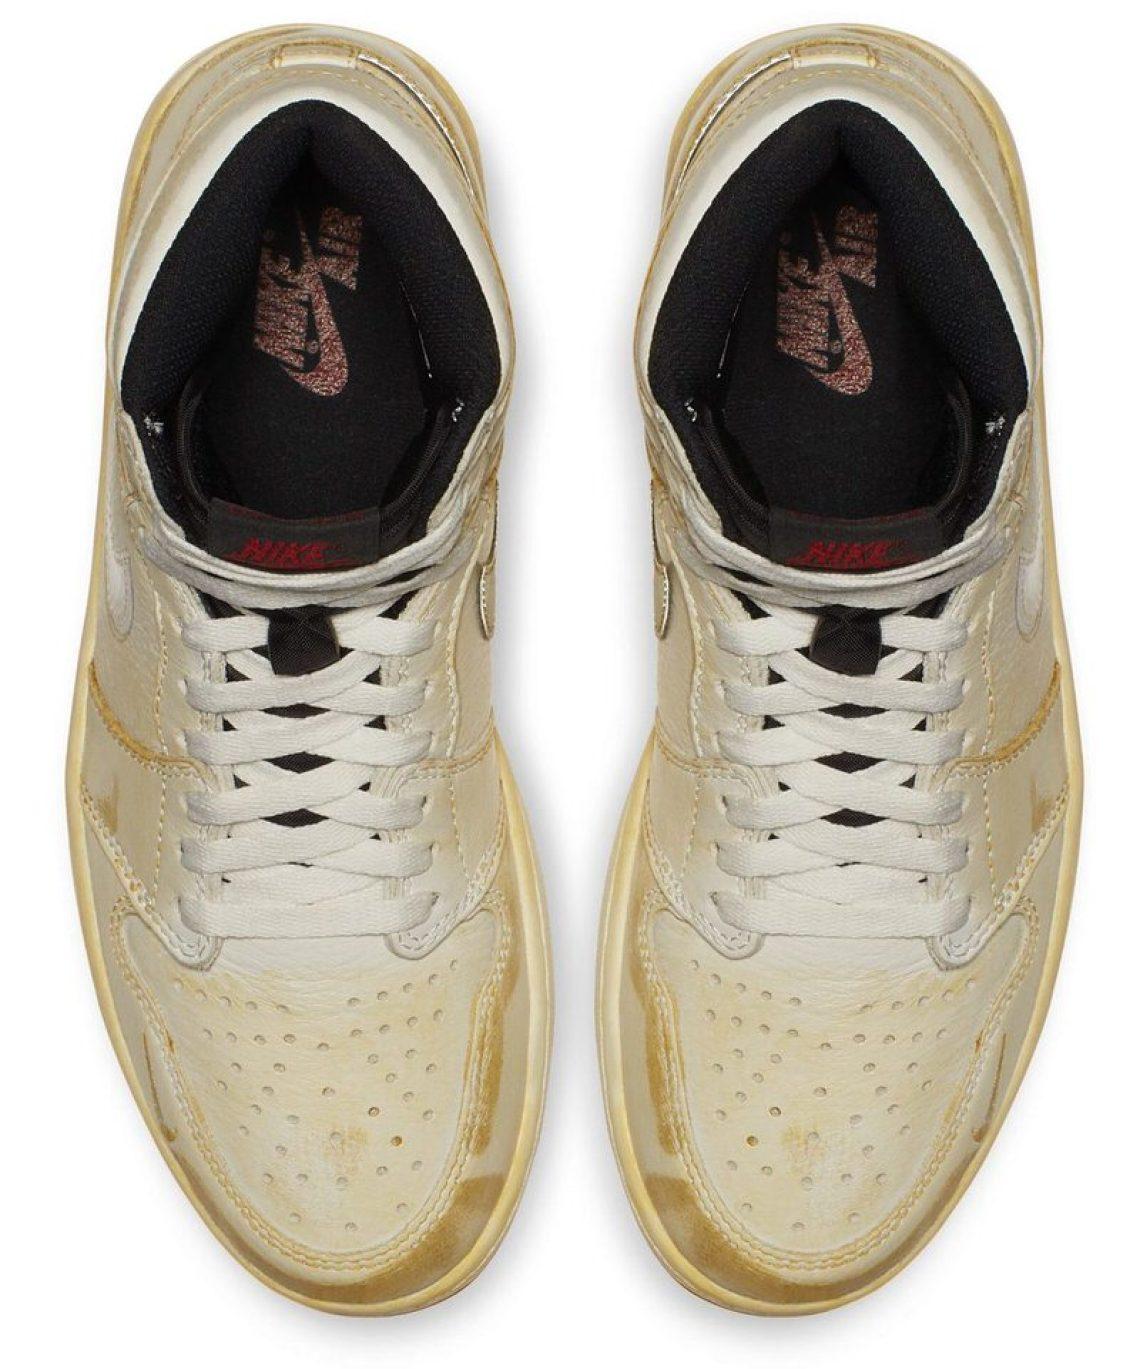 983ebb45bfa Nigel Sylvester x Air Jordan 1 Release Date